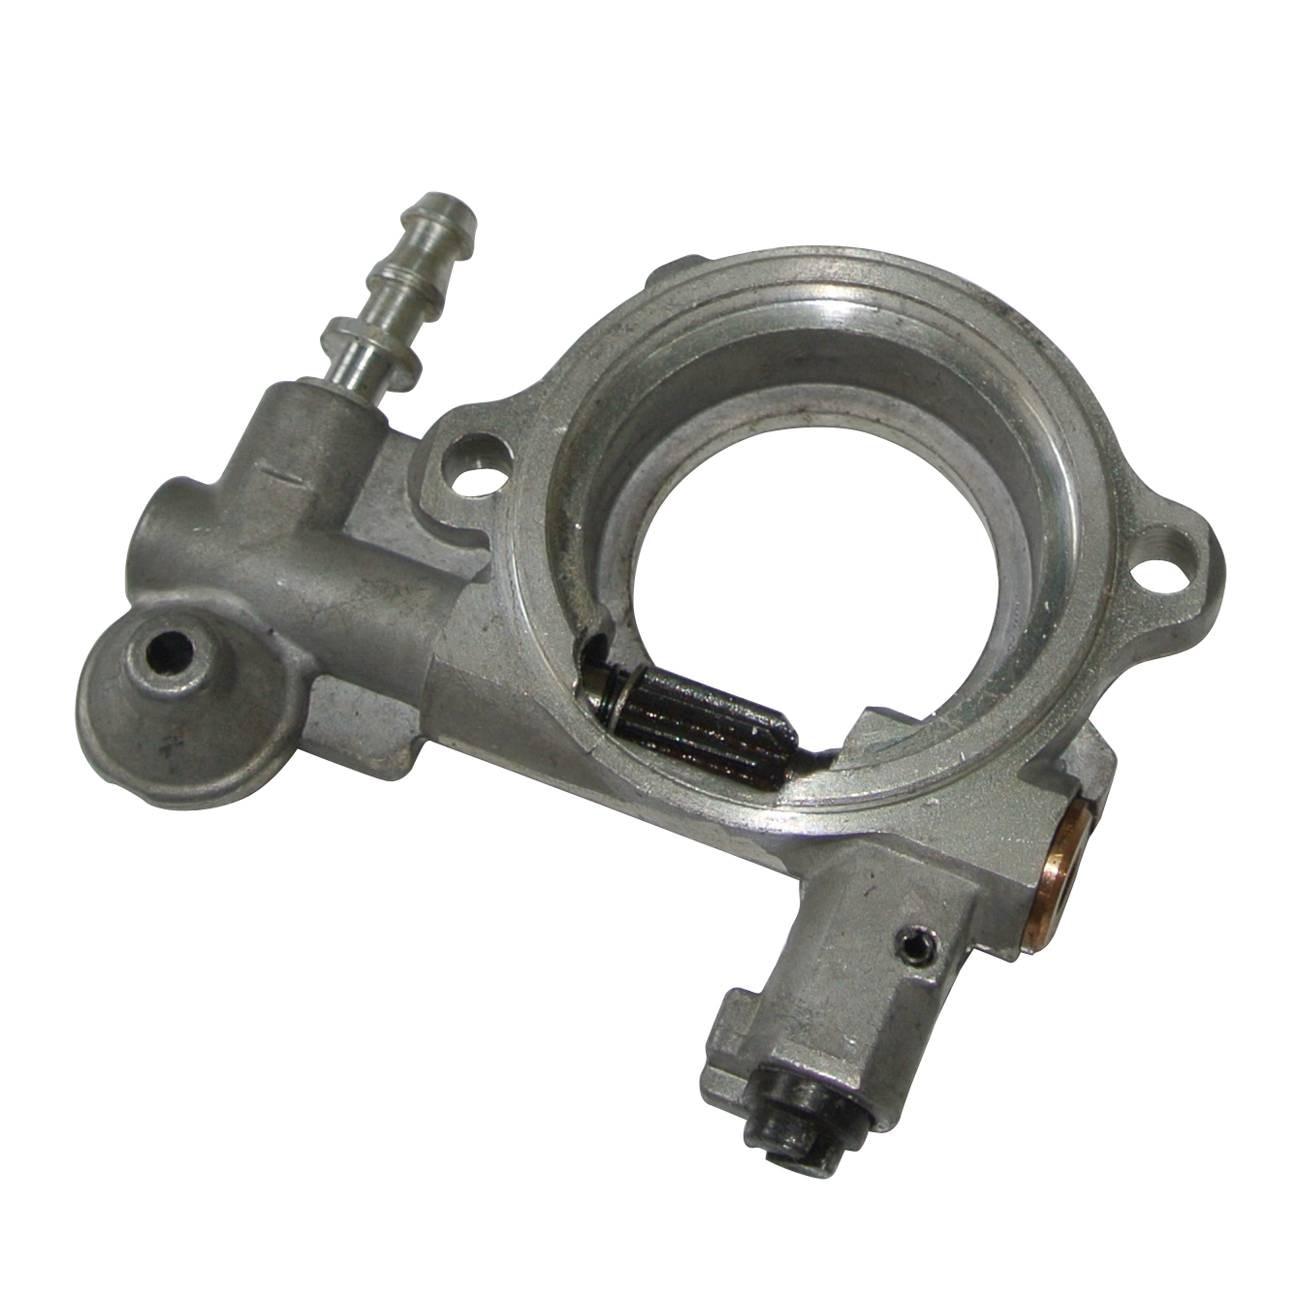 Oil Pump Fit STIHL MS240, MS260 MS 240 MS 260 # 11210071043